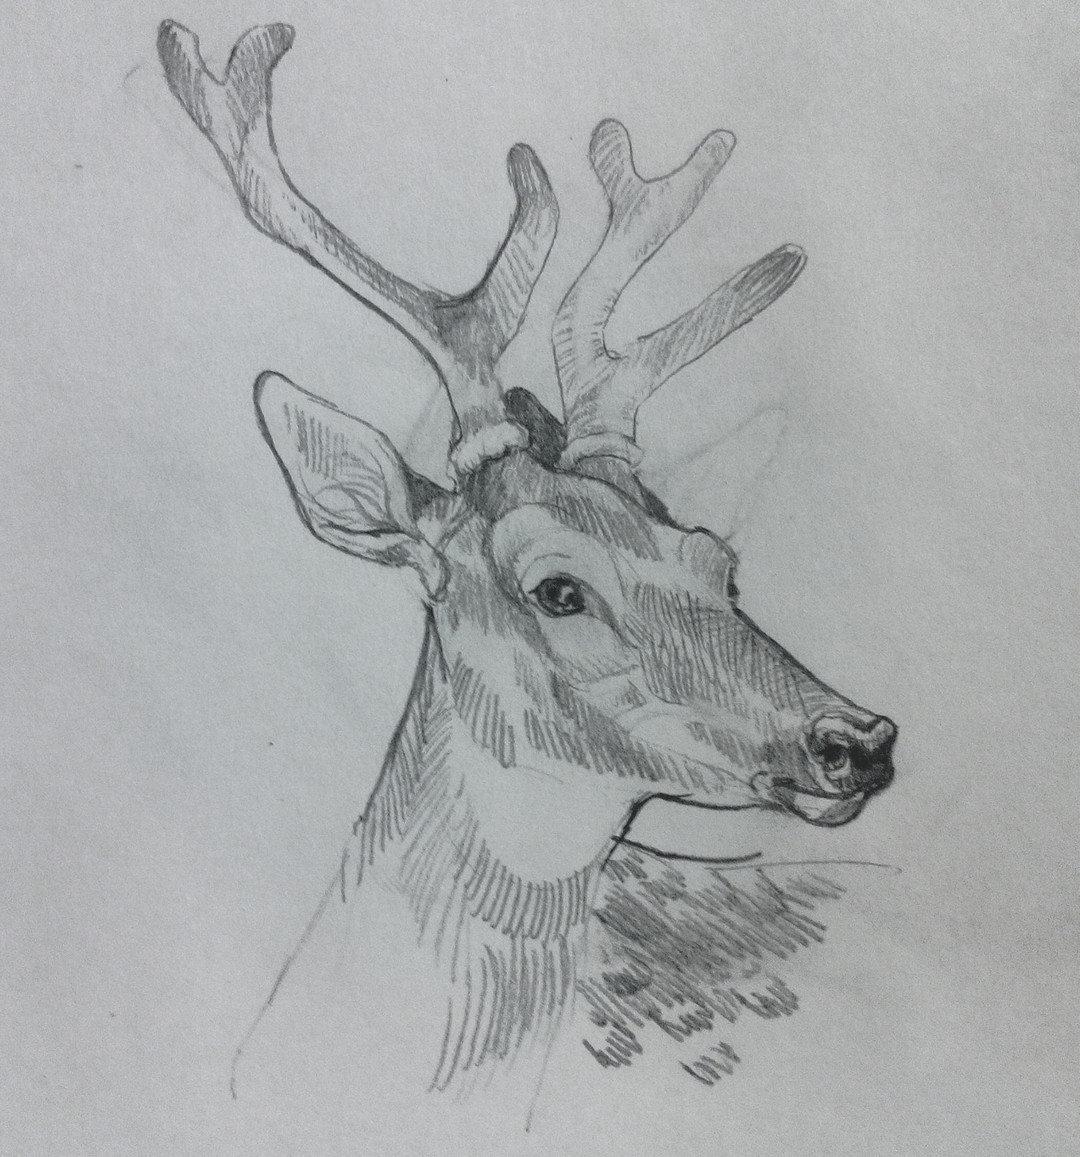 Картинка оленя нарисованная карандашом